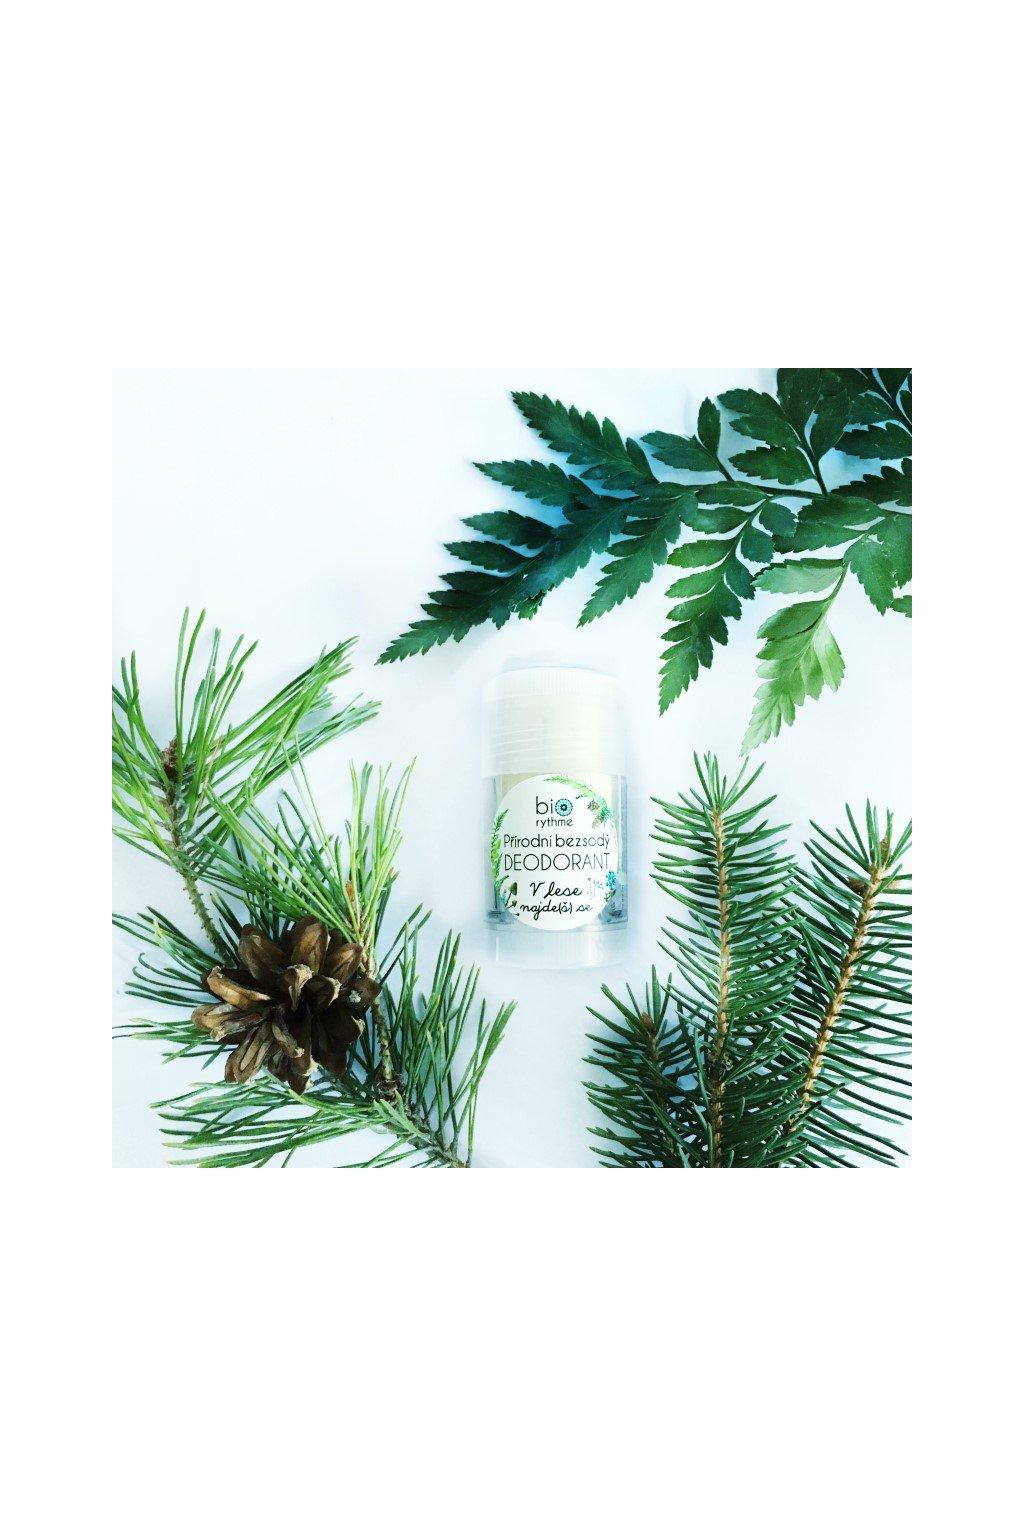 Biorythme: bezsodý deodorant V lese najde(š) se